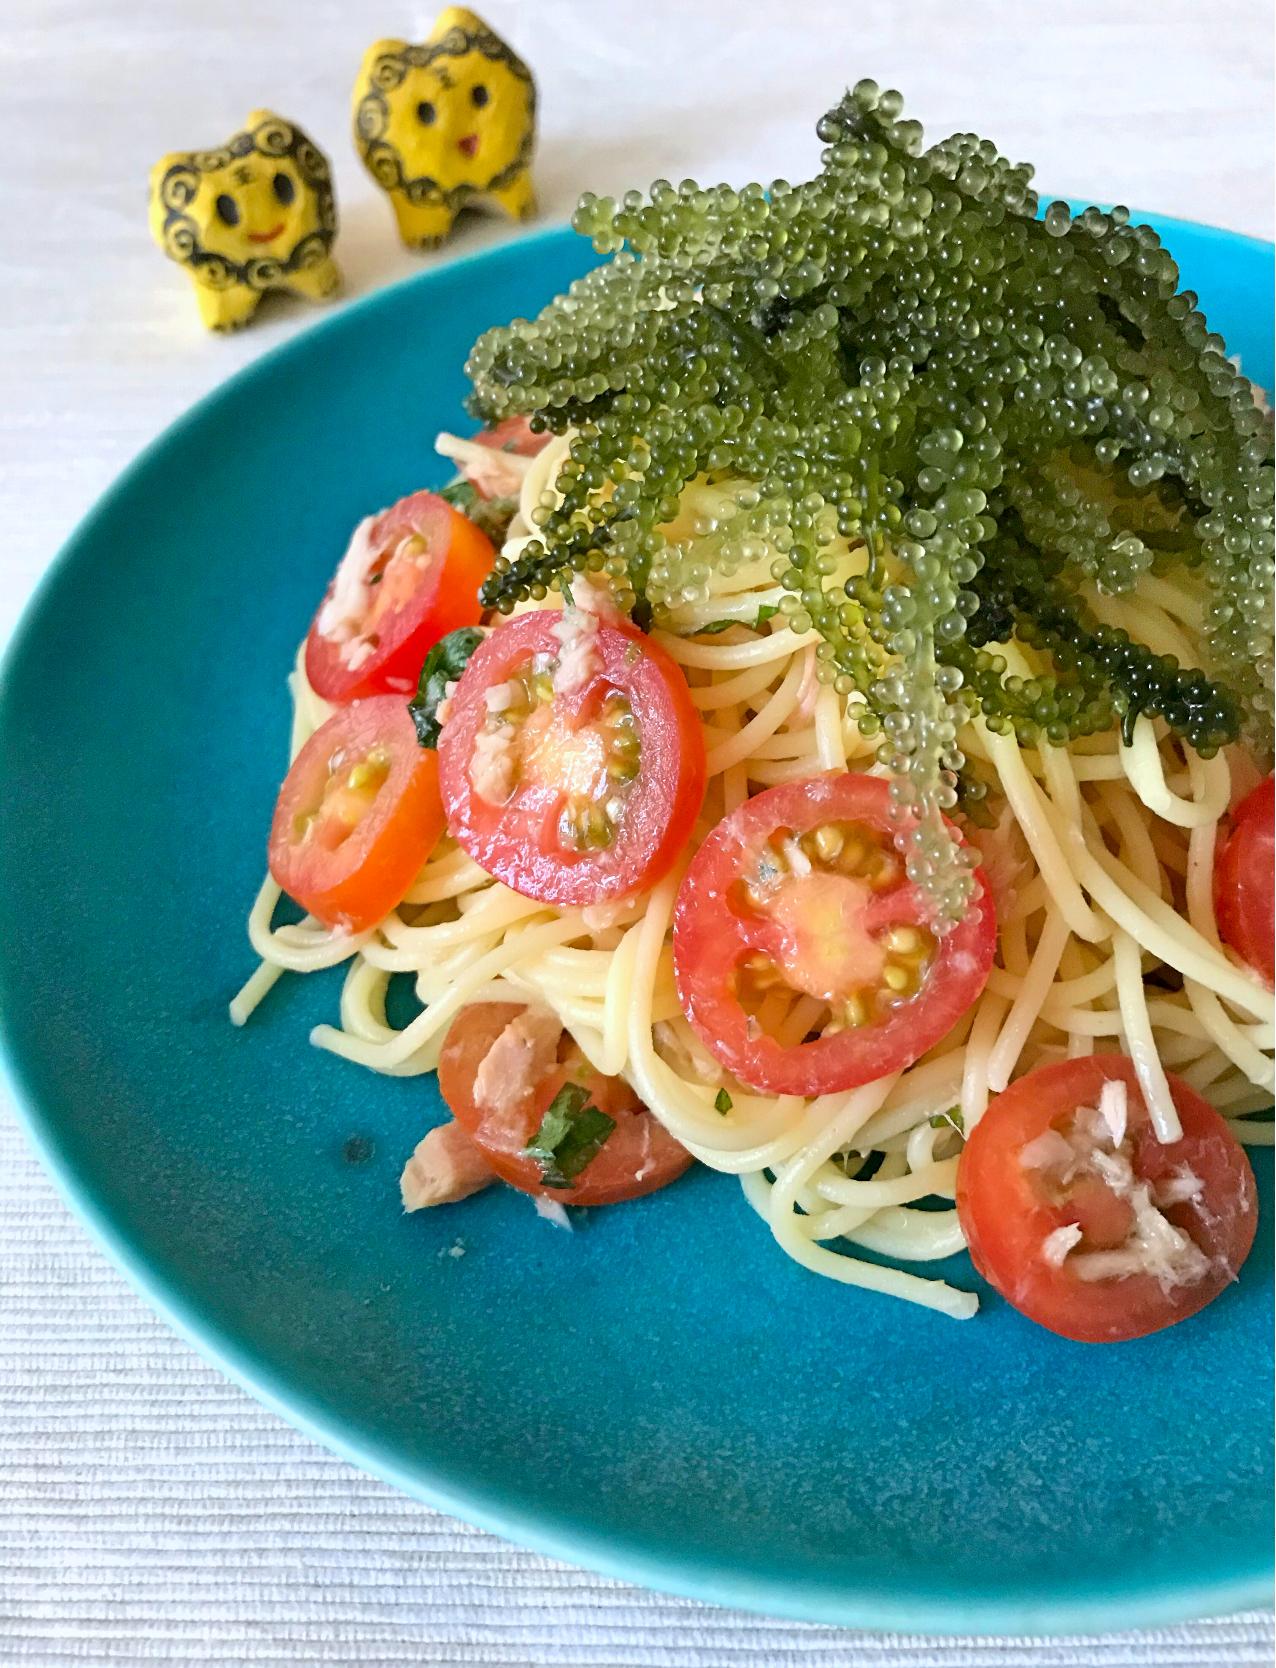 ミニトマトとツナの冷製パスタ沖縄ver.